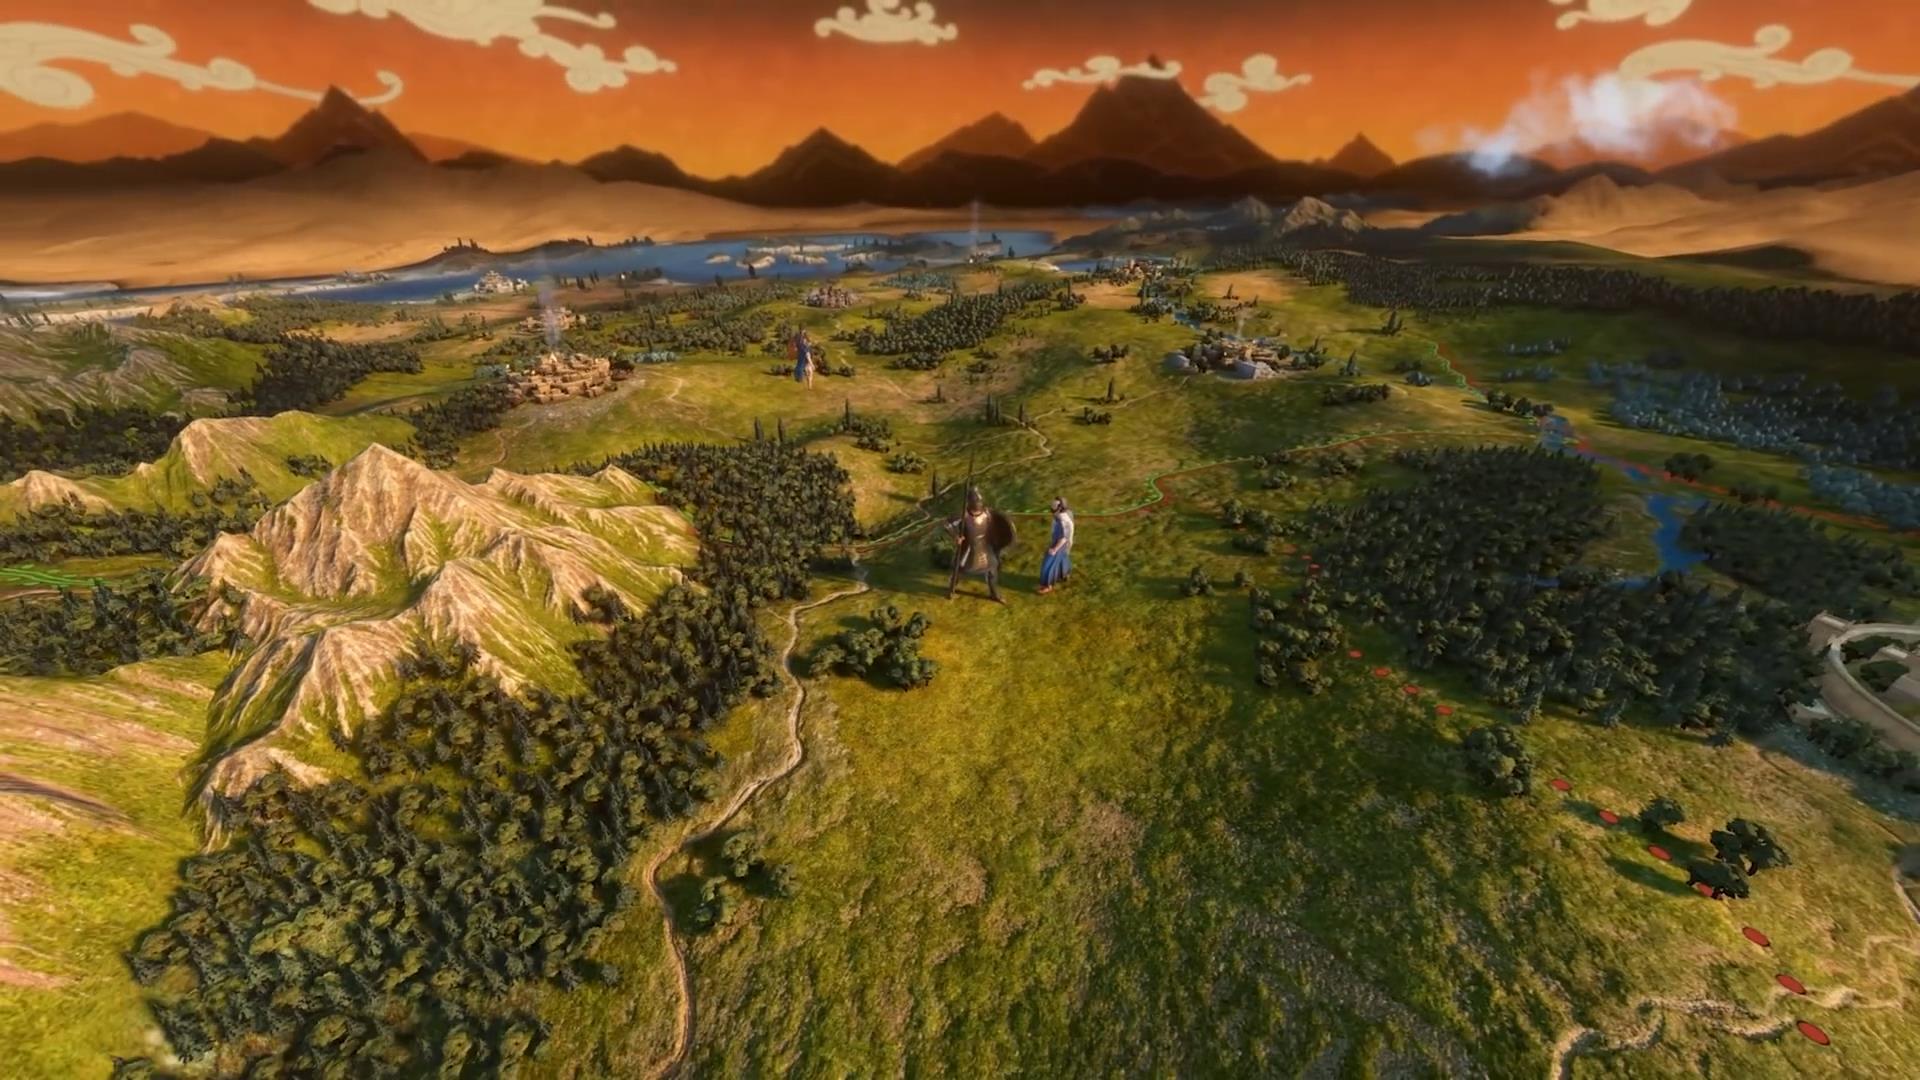 《全面战争传奇:特洛伊》新预告 今晚免费领游戏别错过